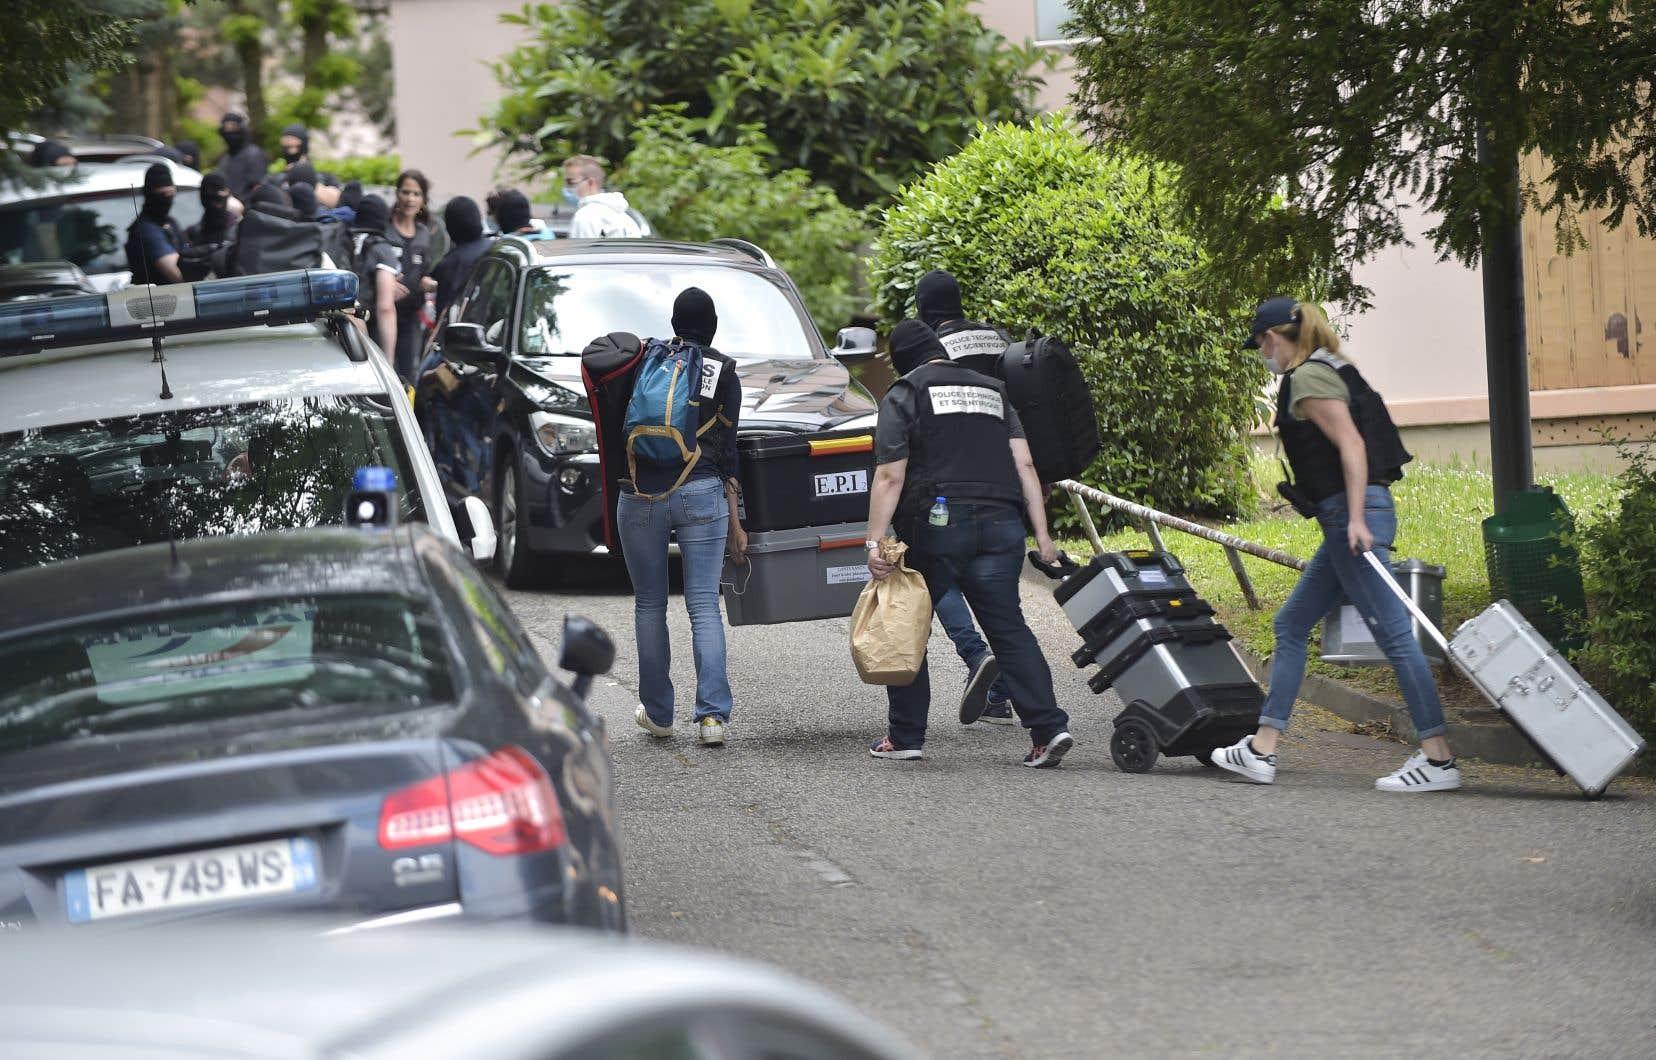 <p>L'enquête a pu déterminer que «le profil génétique identifié sur les éléments de l'engin retrouvé sur les lieux de l'explosion correspond à celui du principal suspect», a indiqué une source proche du dossier.</p>